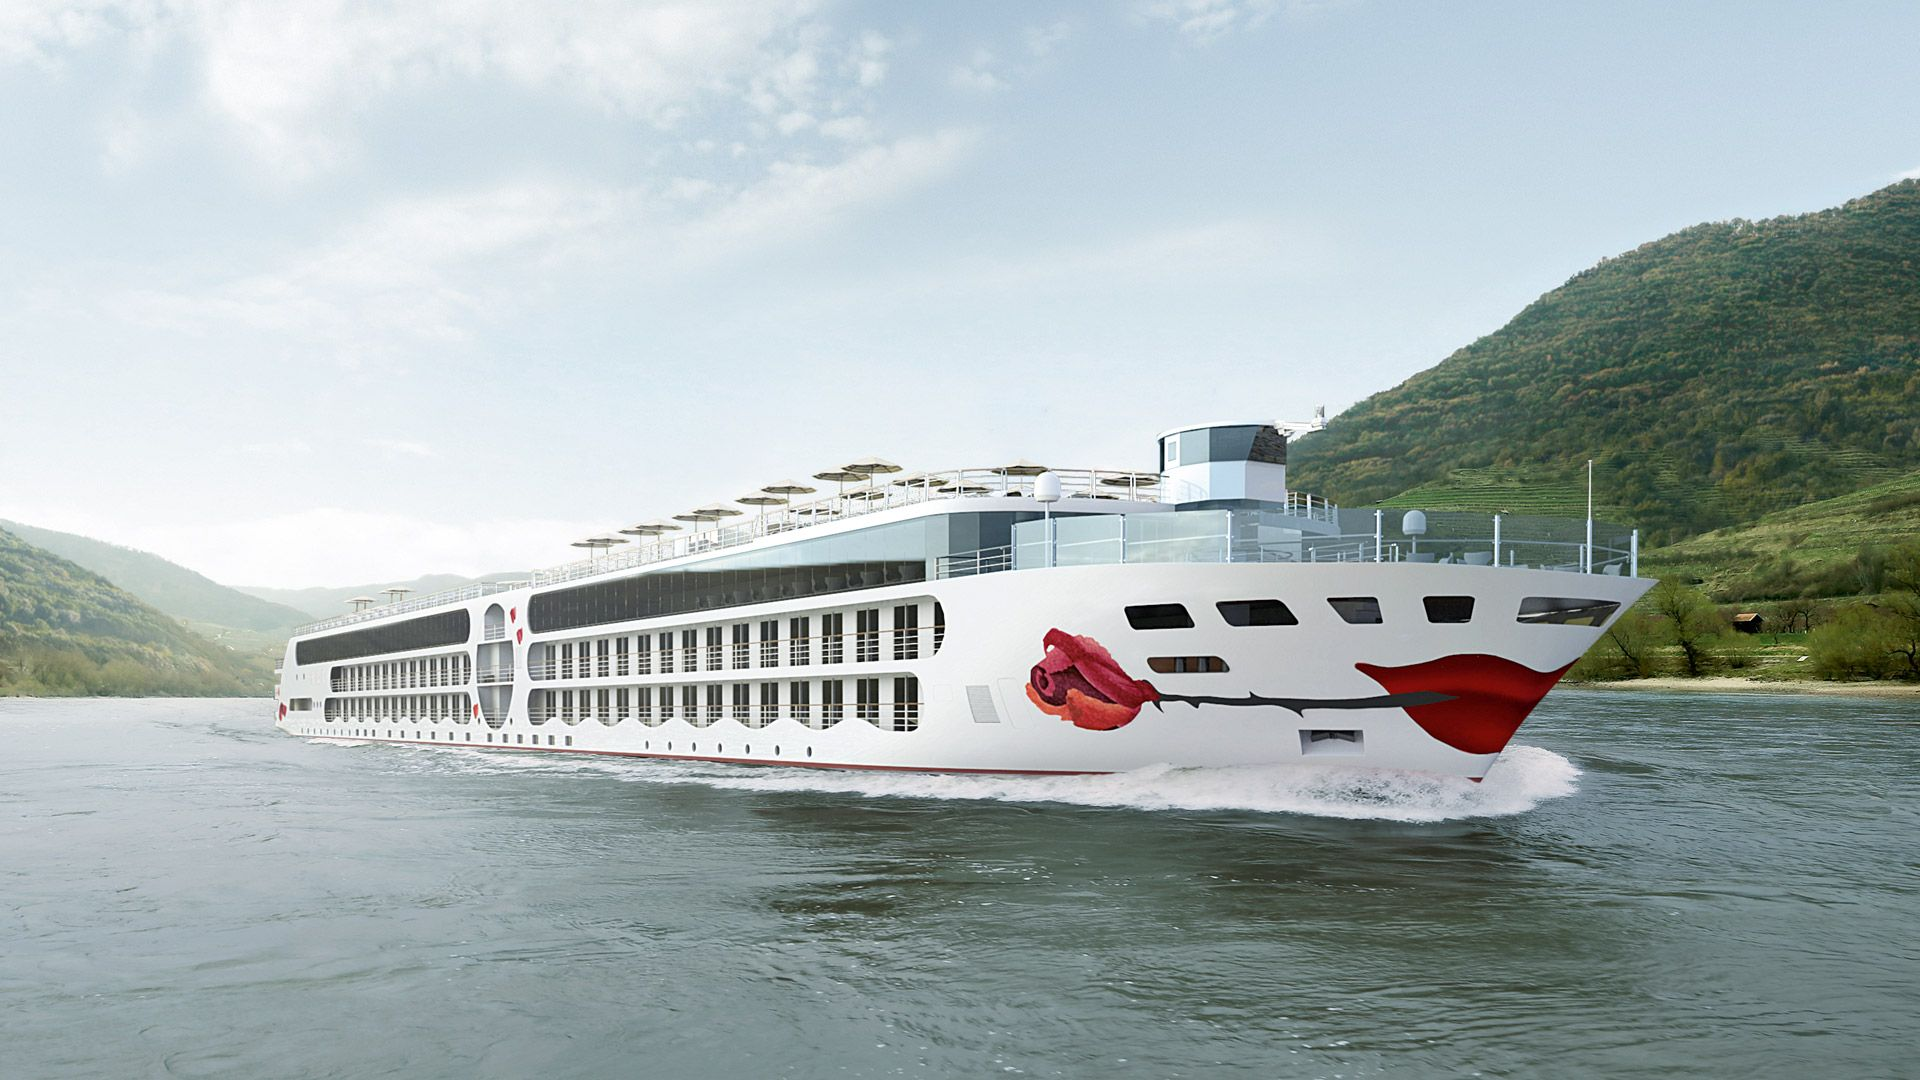 Arosa Rheinschiffahrt mit E-Motion